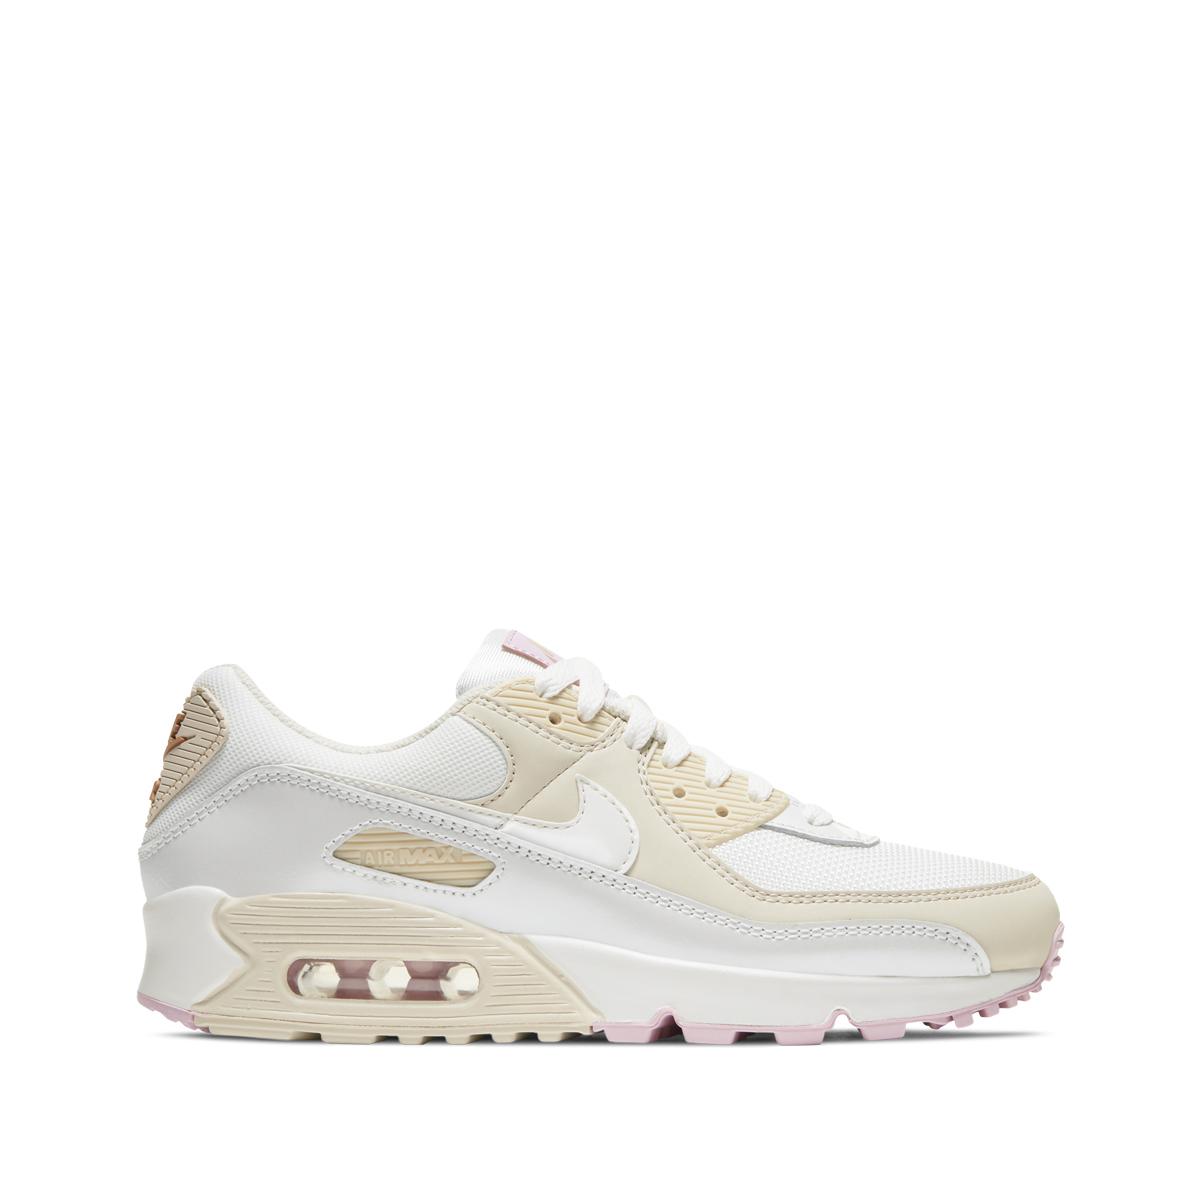 Nike Womens Air Max 90